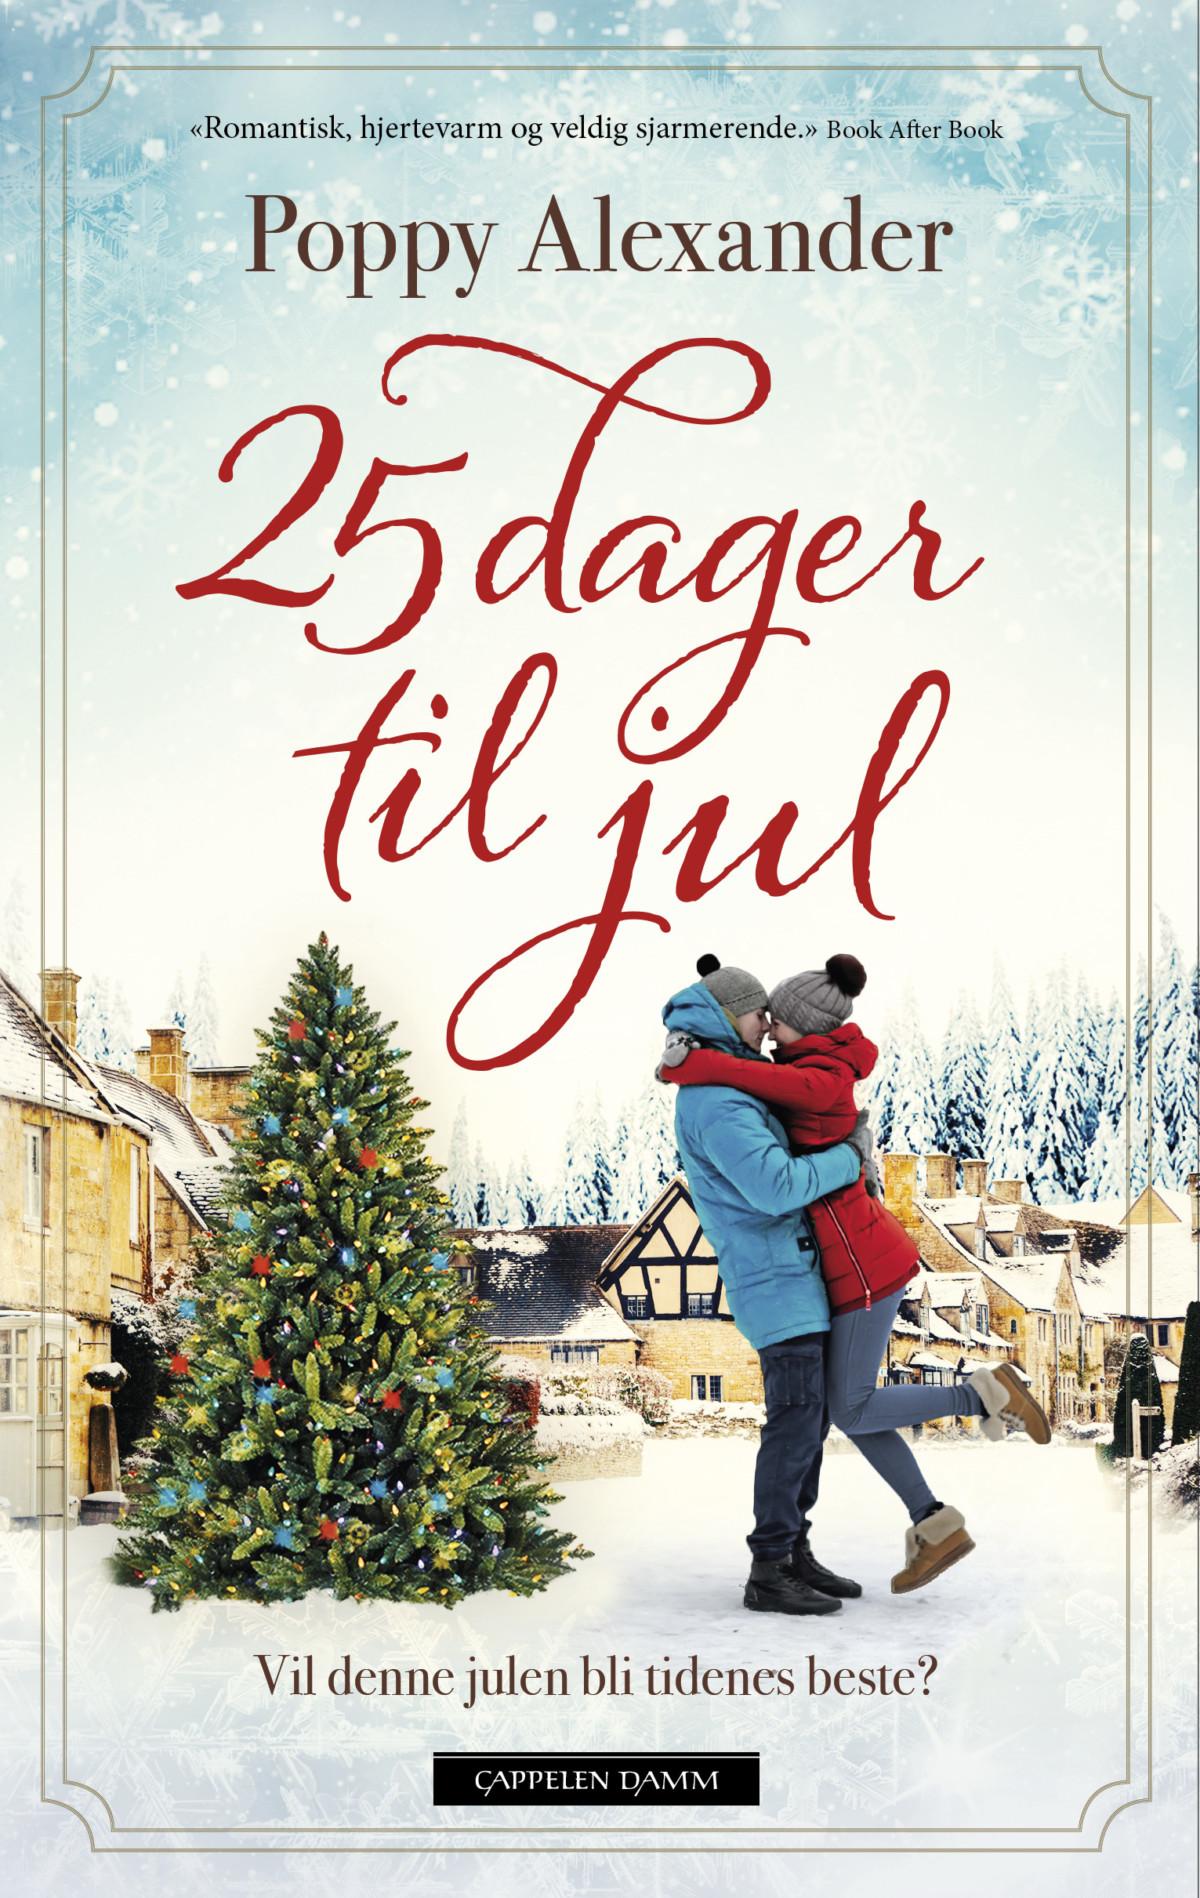 Bok 25 dager til jul